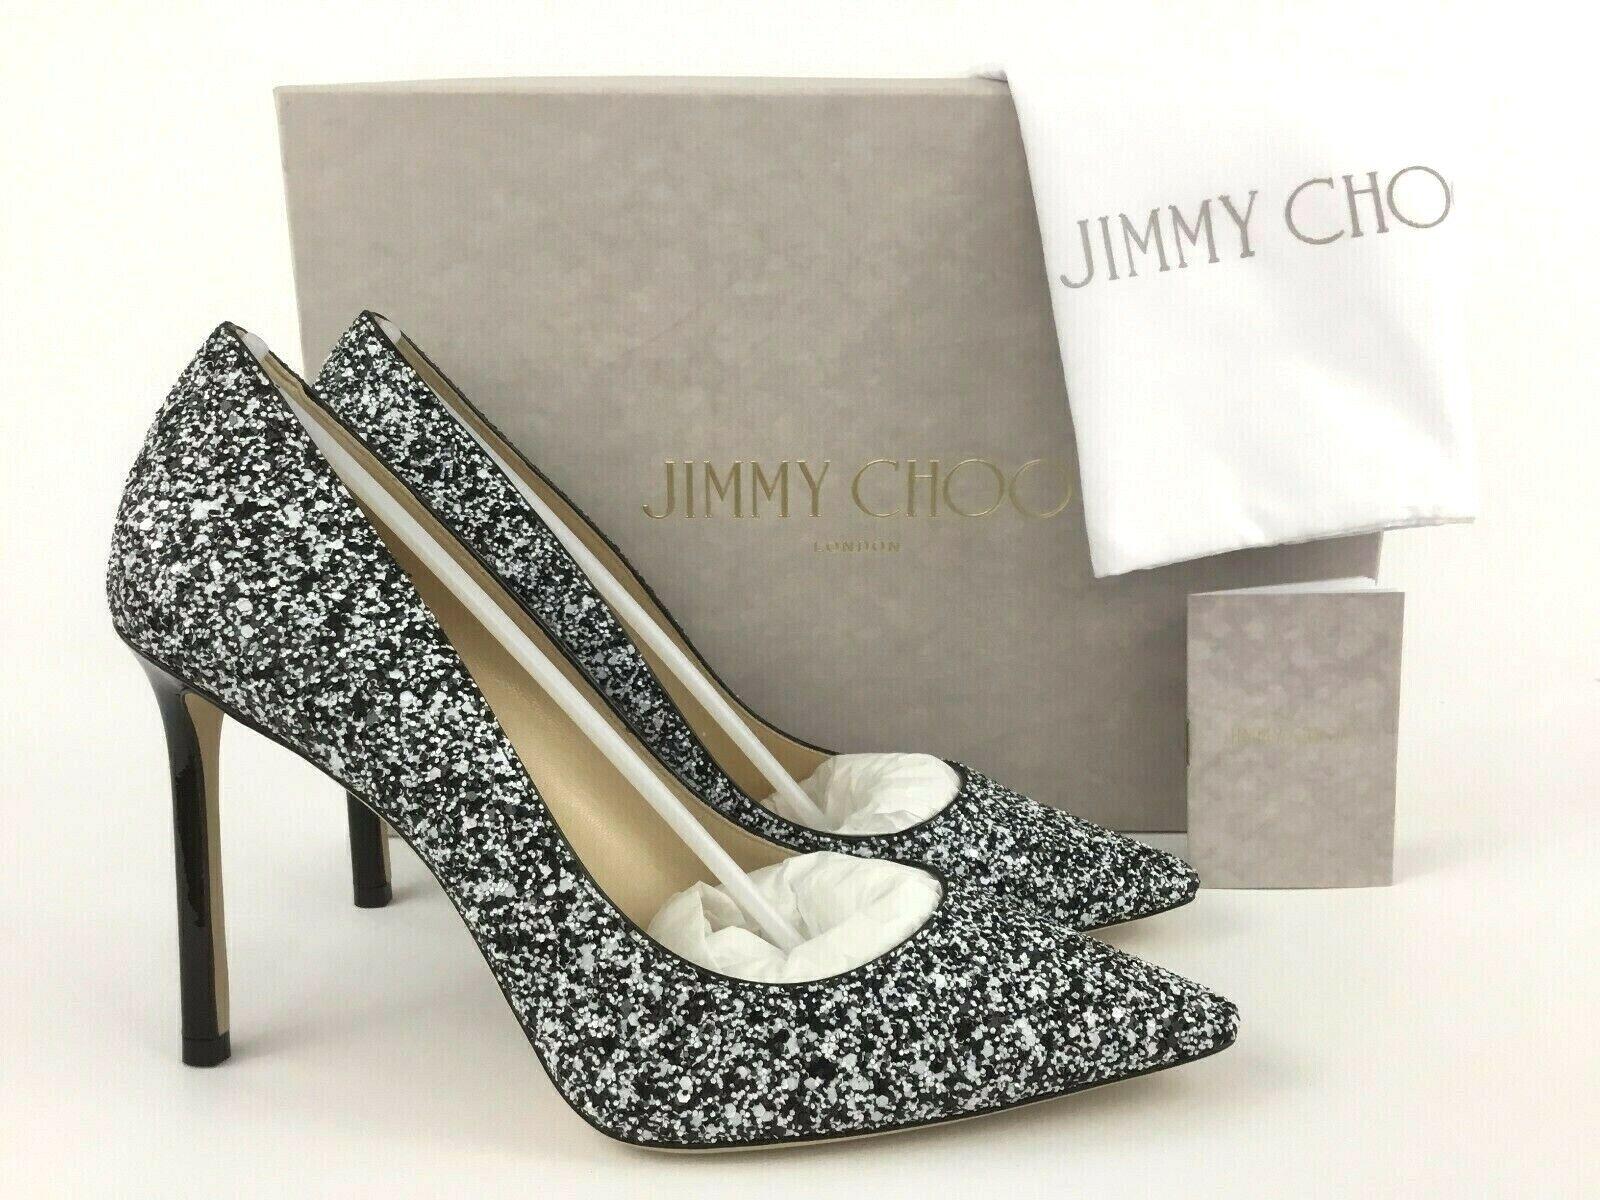 100% autentico Jimmy Choo ROMY Pointy Toe nero bianca Glitter Pump Pump Pump 38.5 8.5  vieni a scegliere il tuo stile sportivo